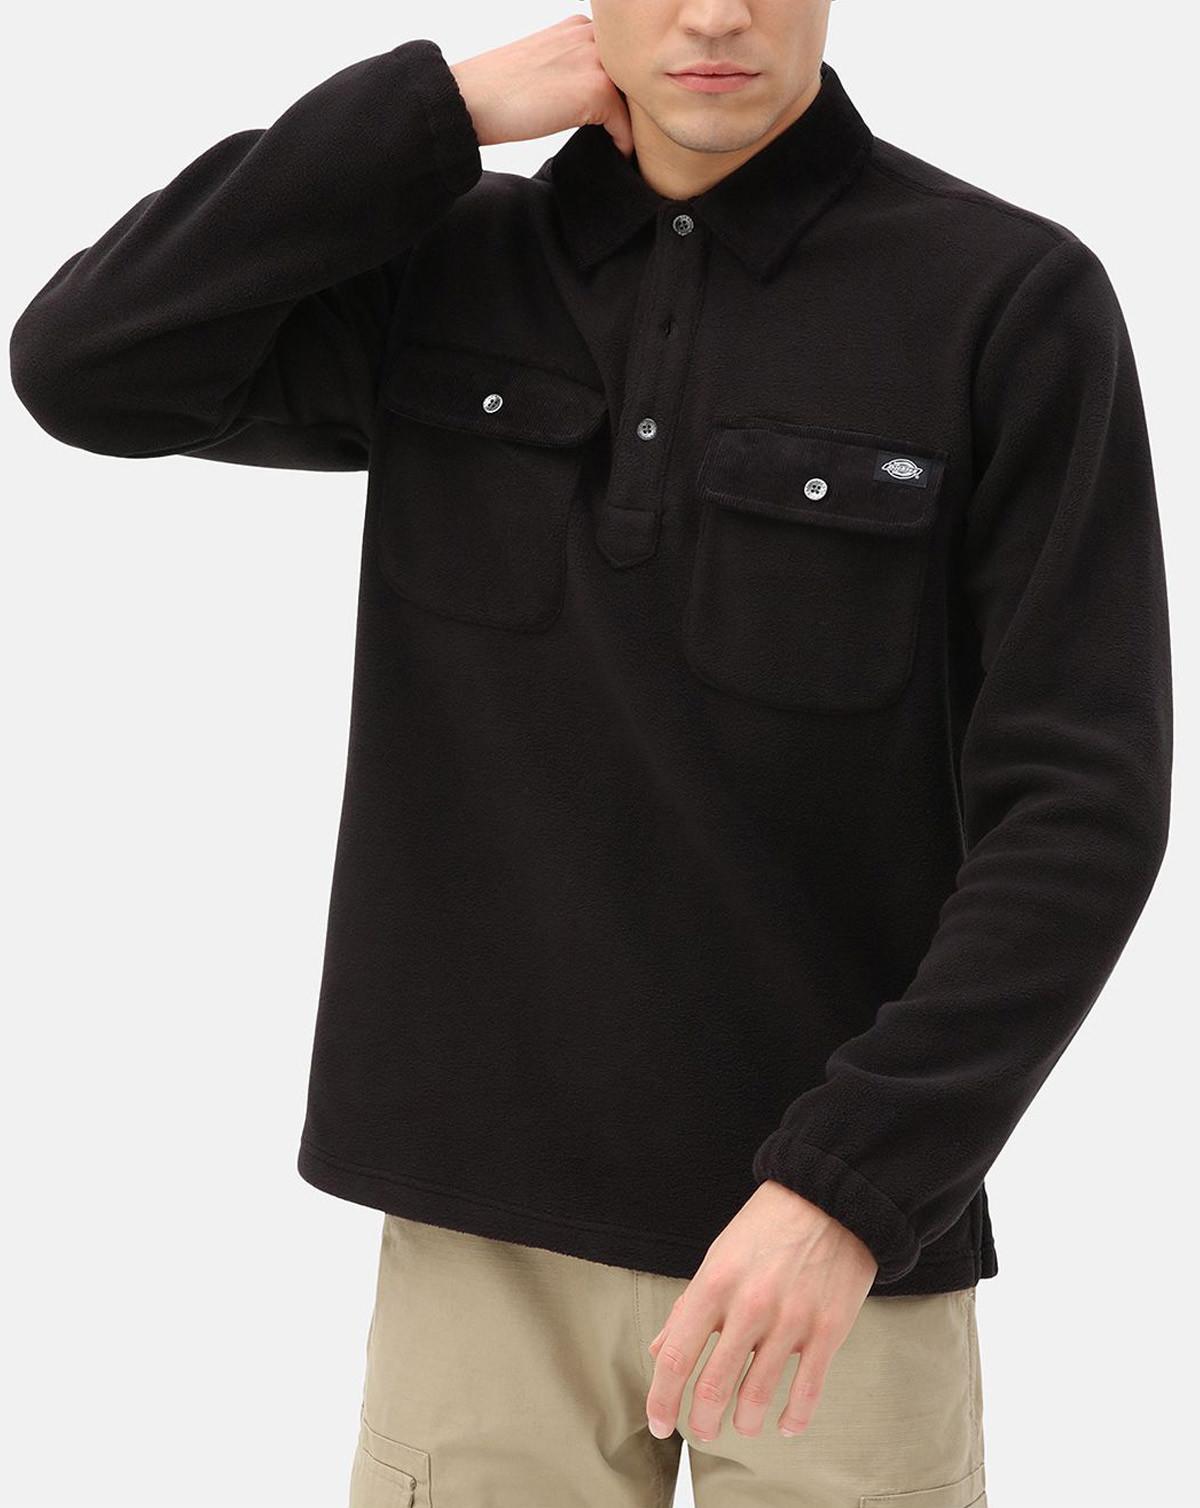 Dickies Morganza Polo Fleece (Black, XS)